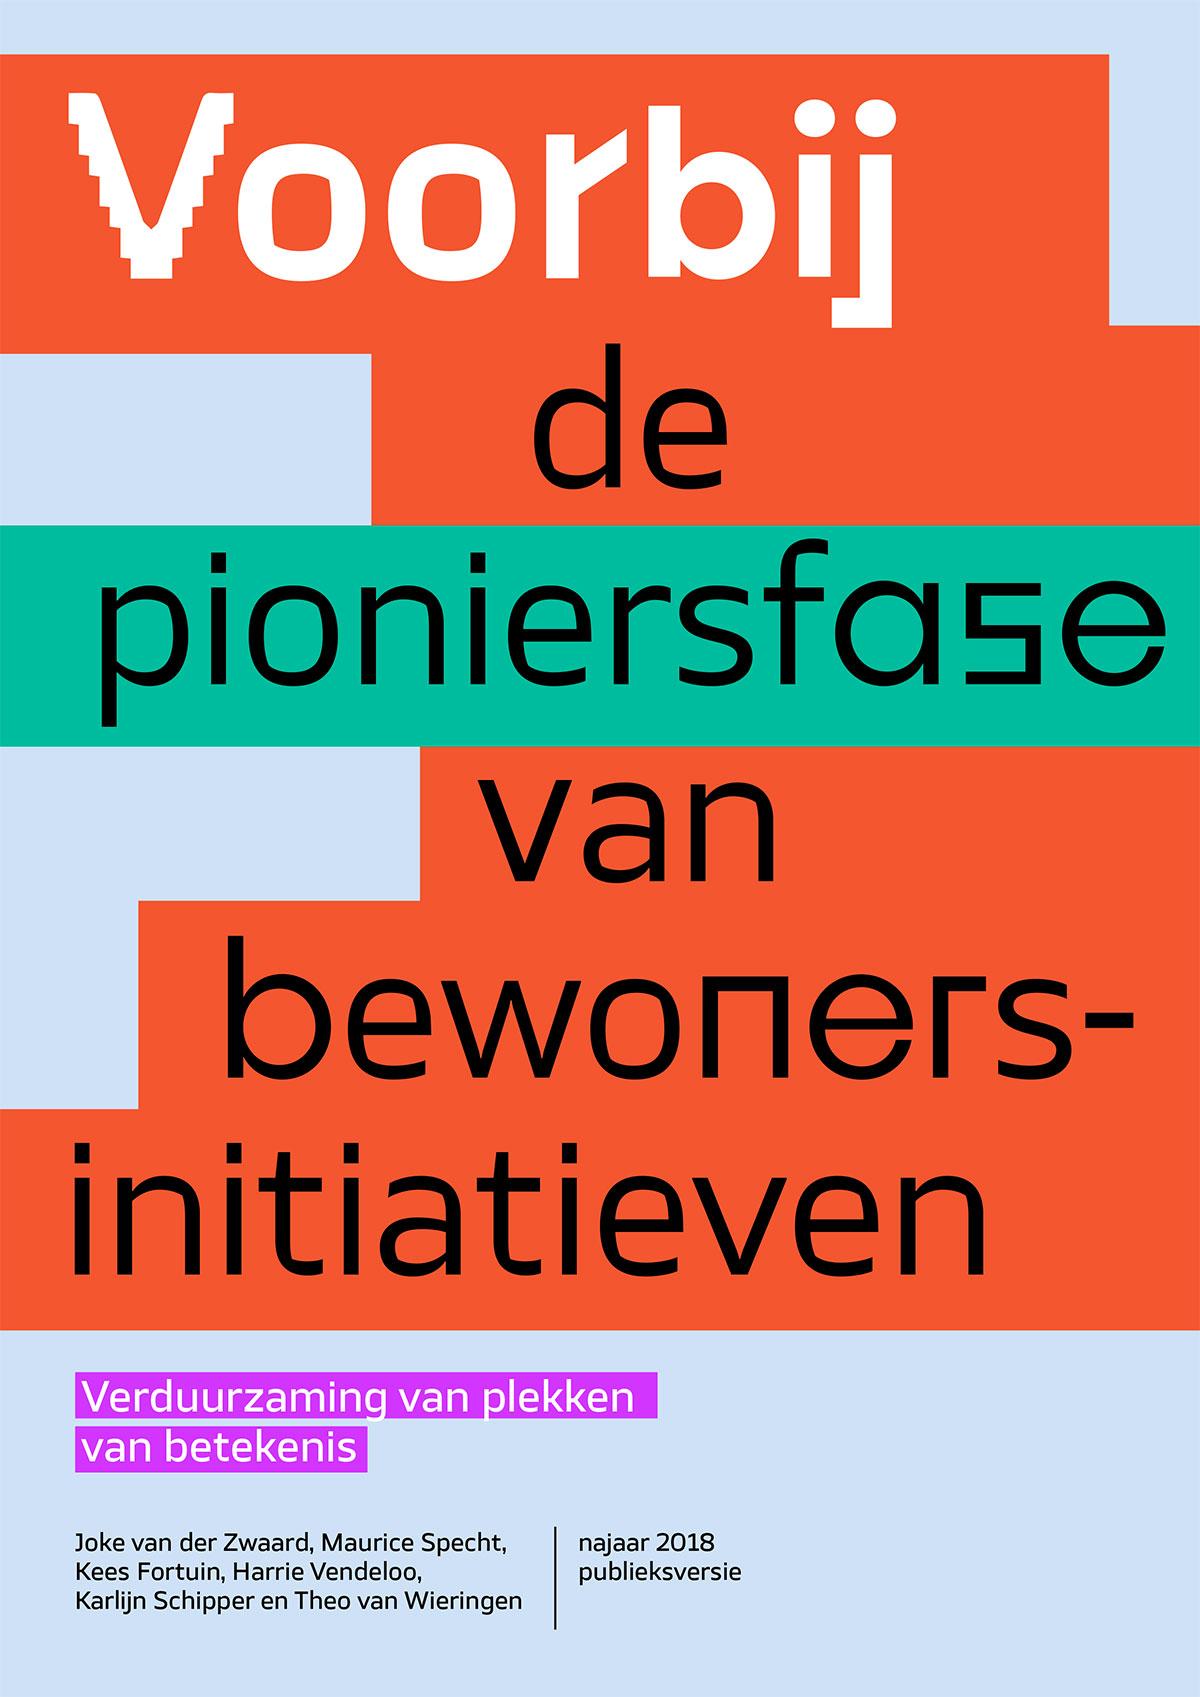 Onderzoeksrapport. Voorbij de pioniersfase van bewonersiniatieven - Verduurzaming van plekken van betekenis